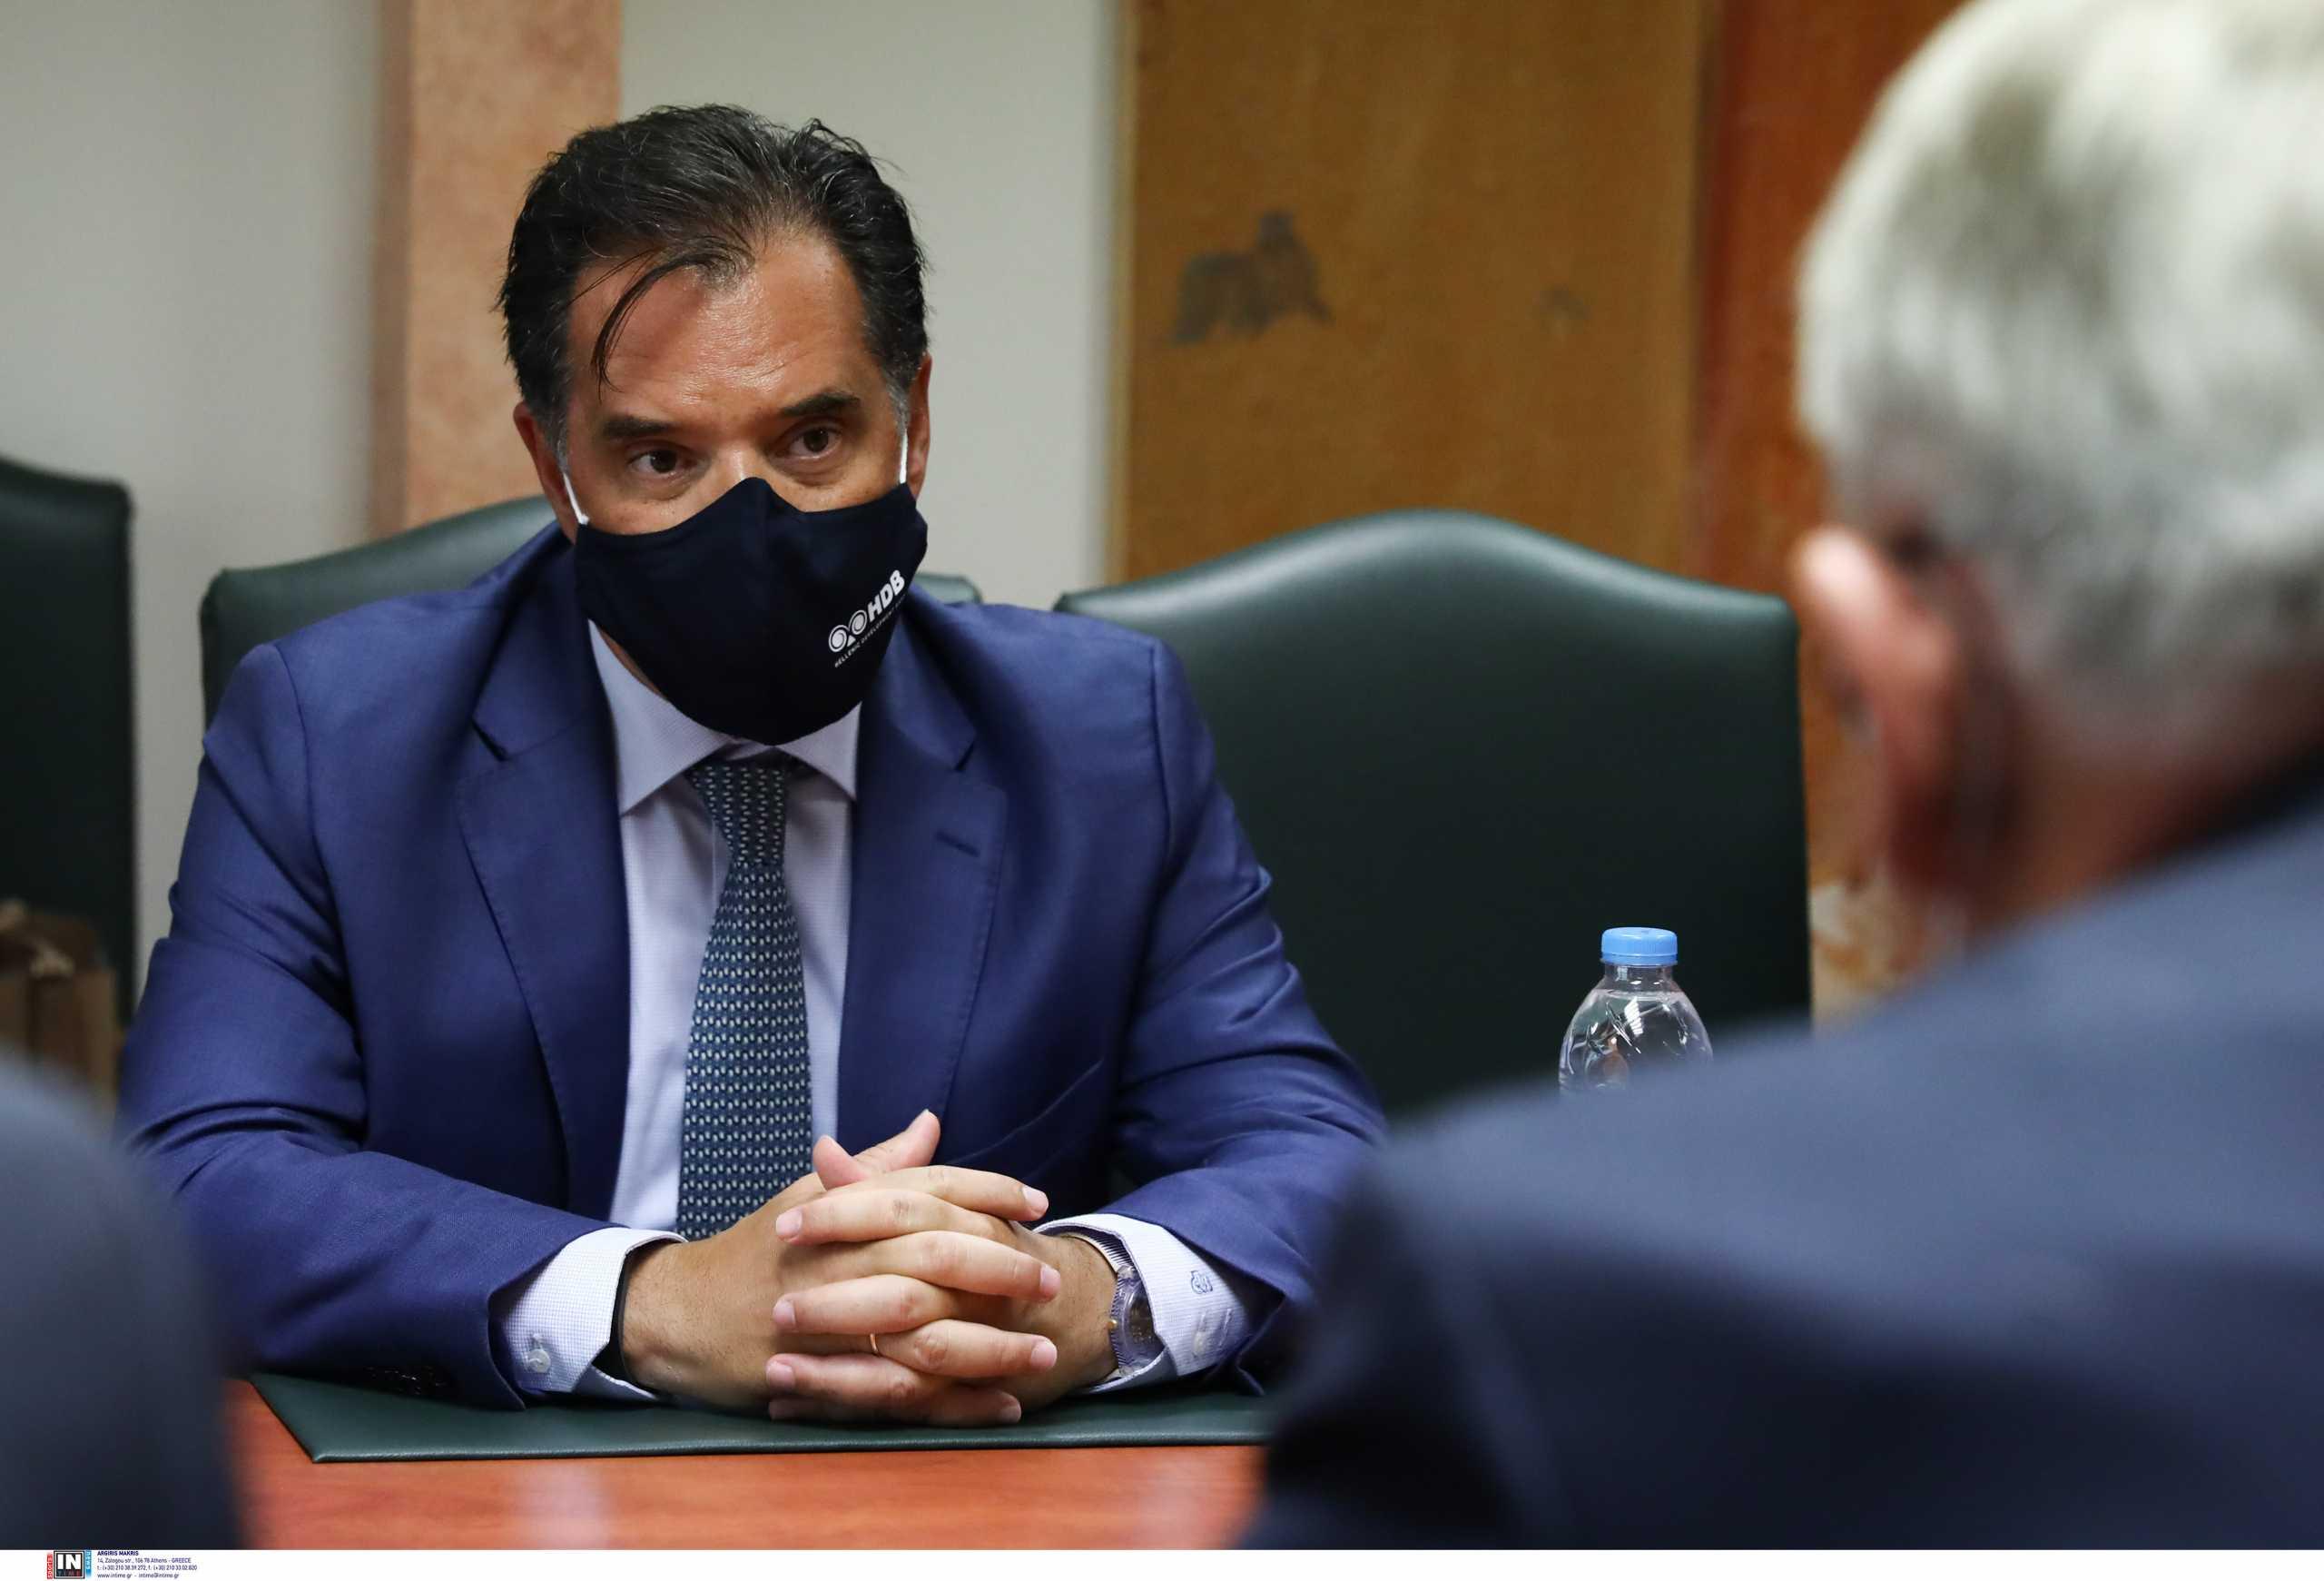 Άδωνις Γεωργιάδης: Η κυβέρνηση δεν θα αφήσει τα νοικοκυριά να καταστραφούν από την κρίση του εισαγόμενου πληθωρισμού